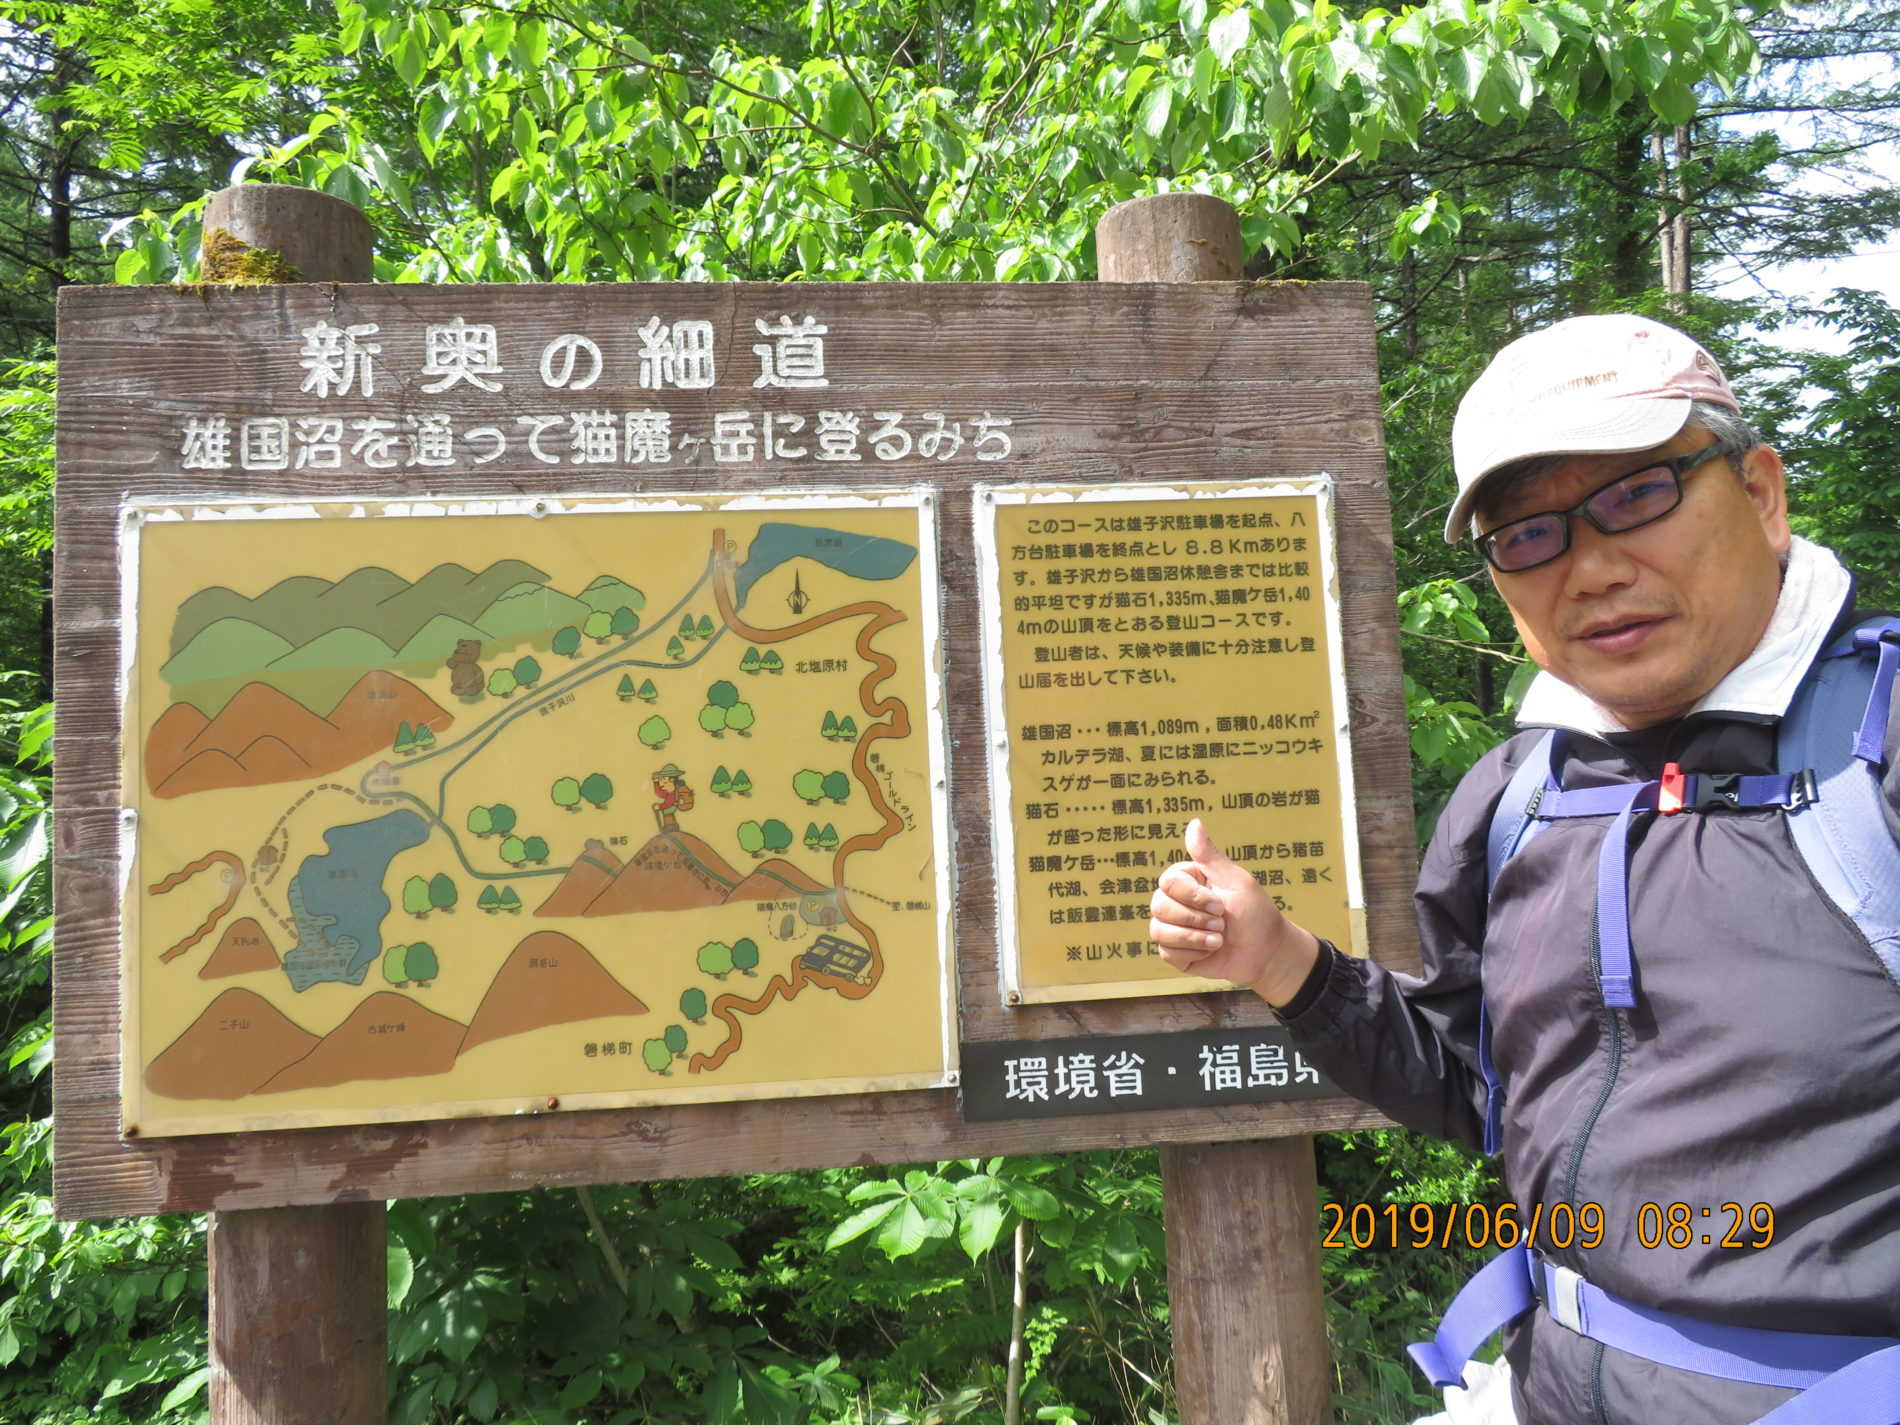 雄子沢登山駐車場